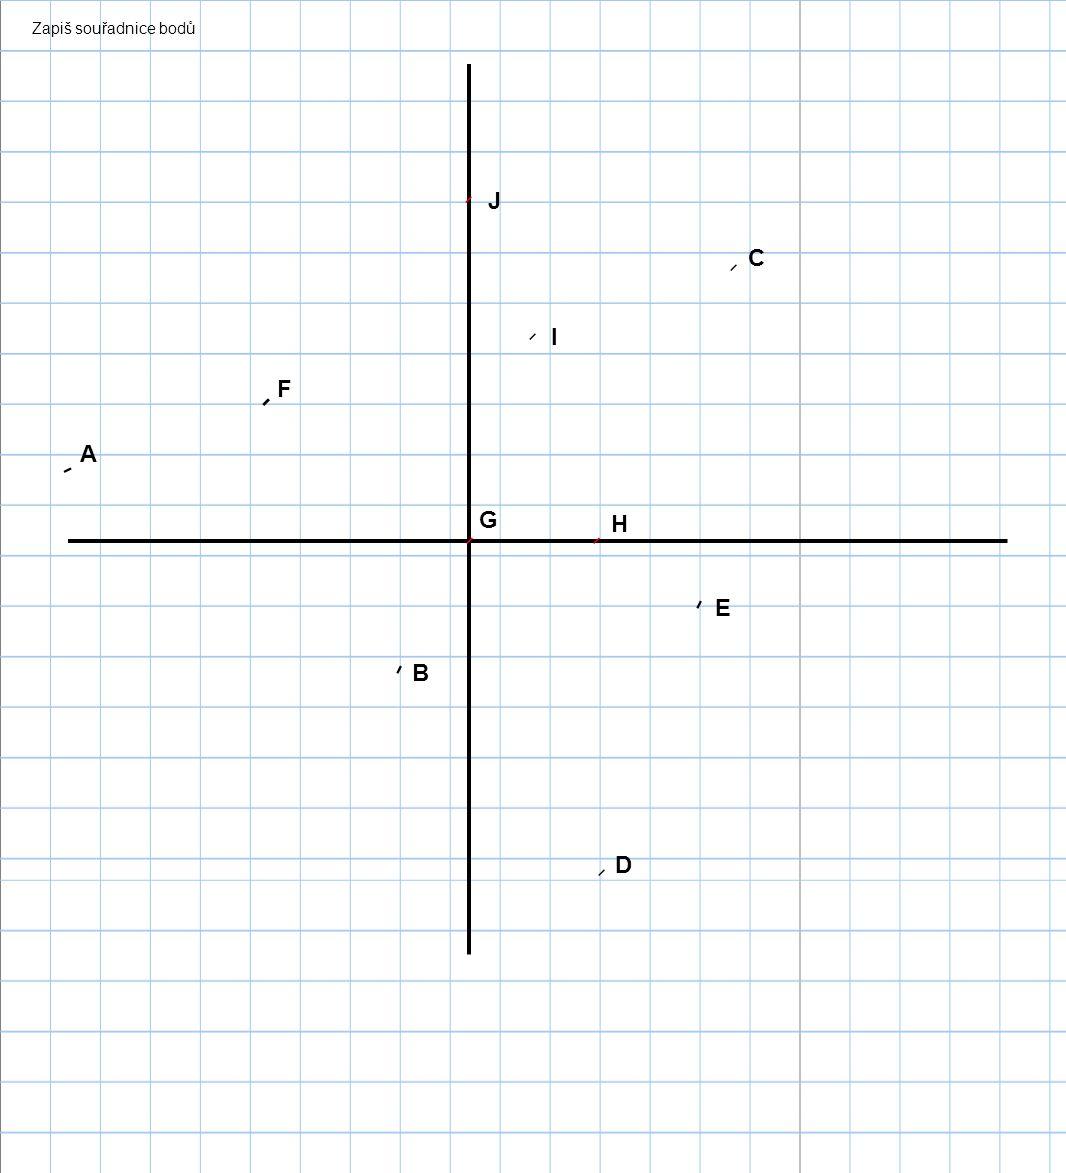 Zapiš souřadnice bodů A B C D E F G H I J